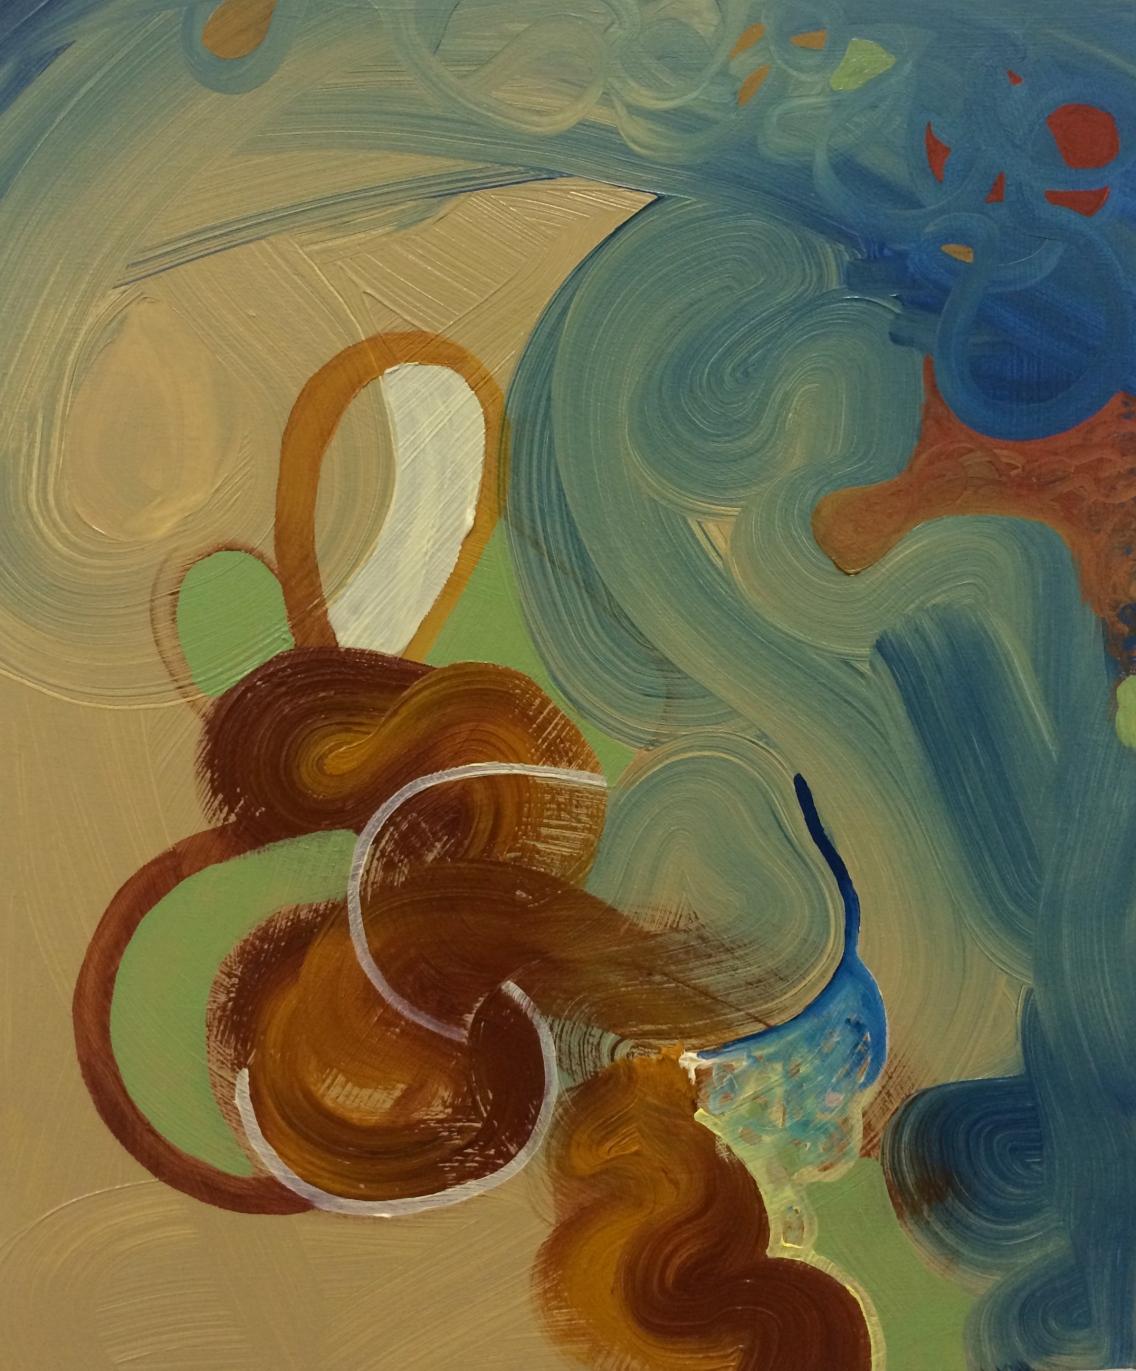 Oil paint on canvas 1.5 x 1.25 feet 2014